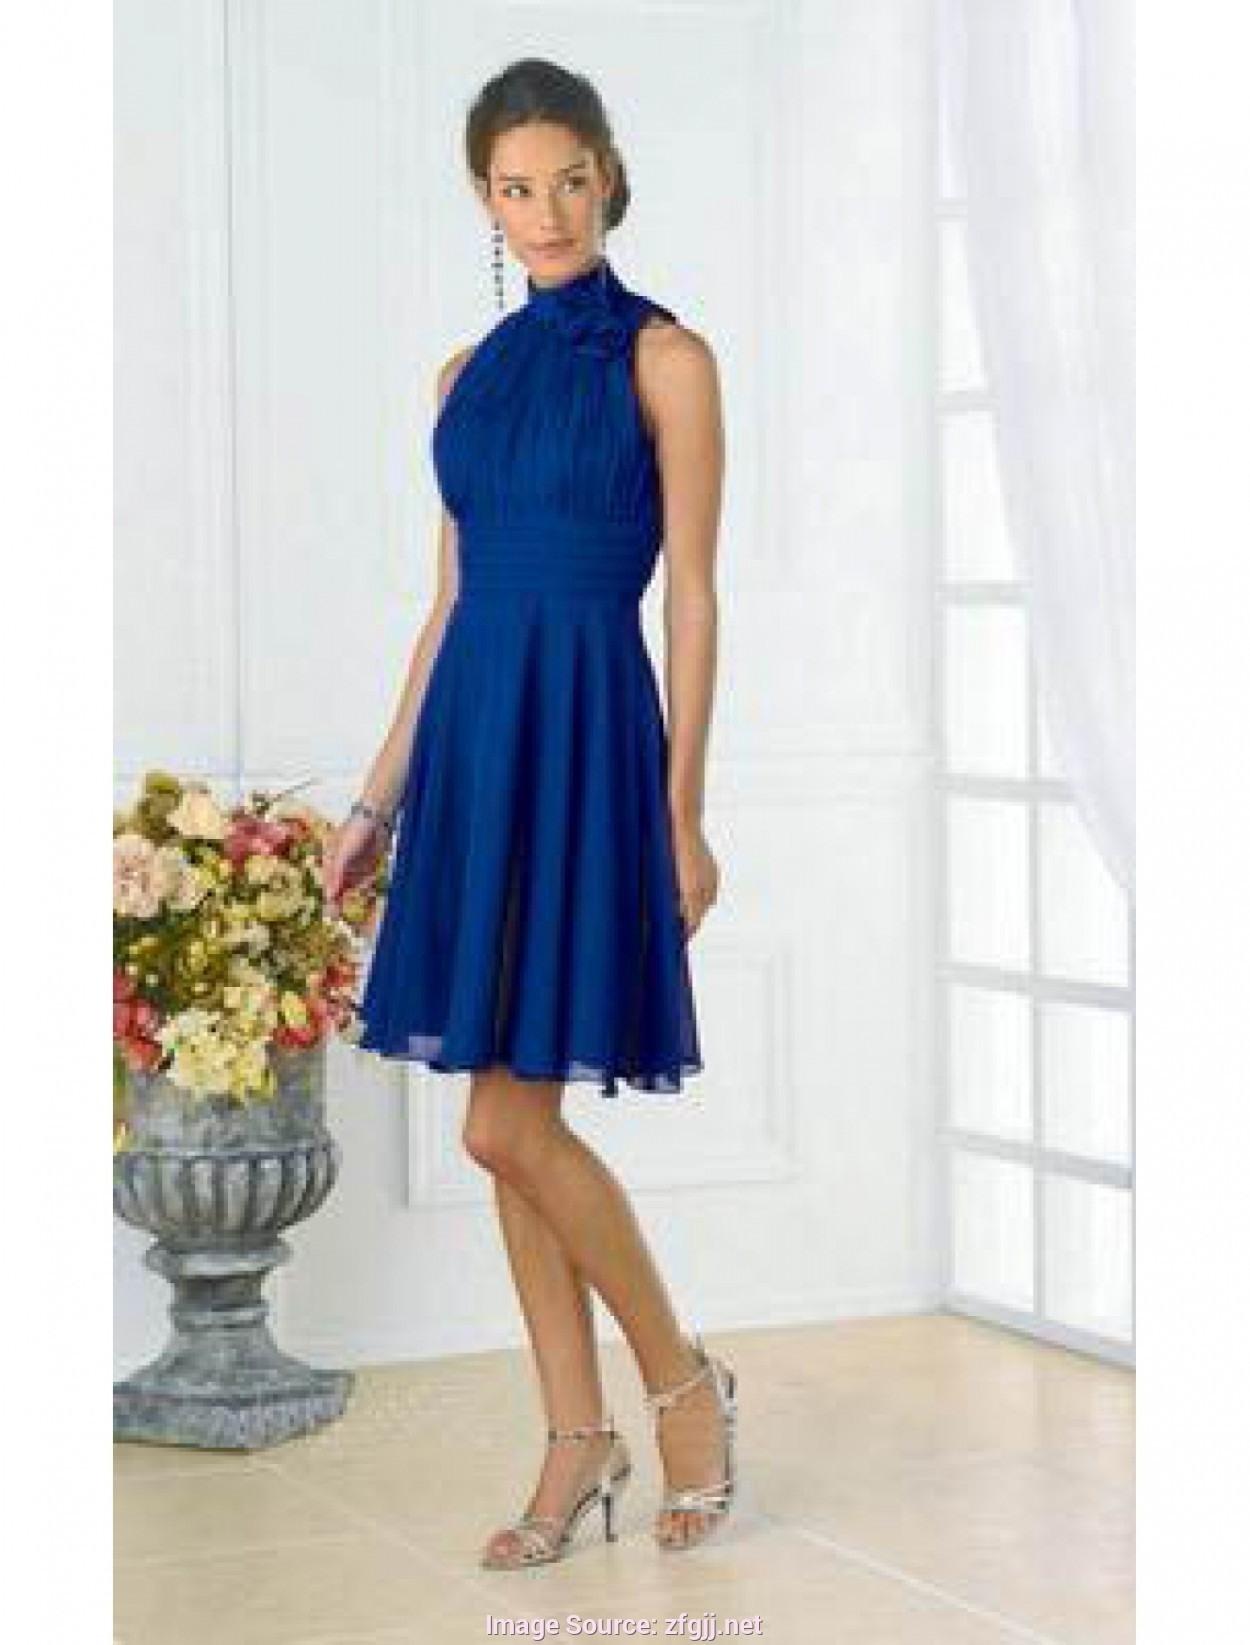 20 Spektakulär Kleider Für Hochzeitsgäste Blau SpezialgebietFormal Cool Kleider Für Hochzeitsgäste Blau für 2019